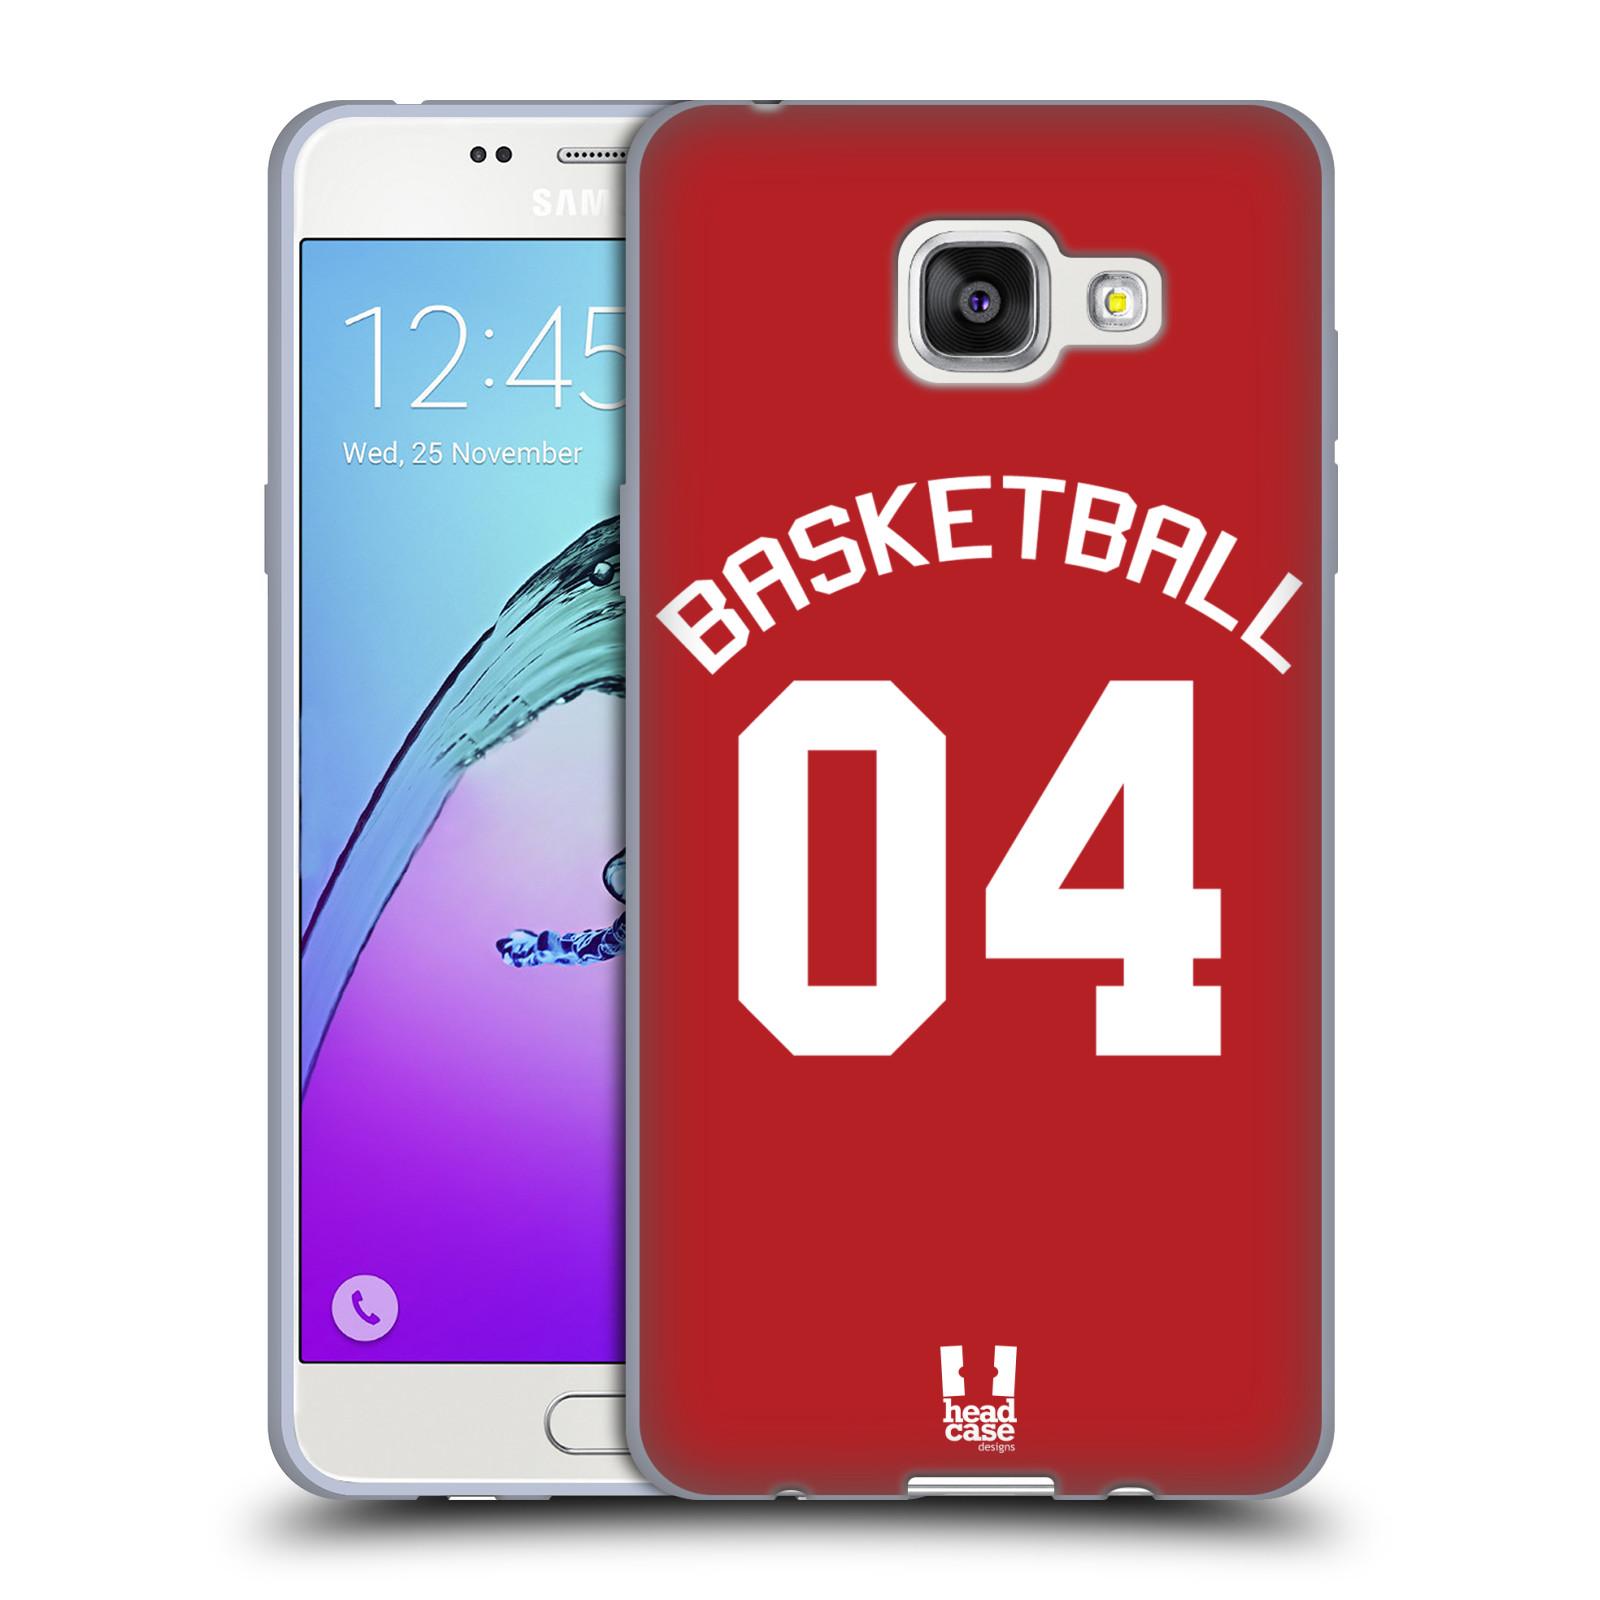 HEAD CASE silikonový obal na mobil Samsung Galaxy A5 2016 (A510) Sportovní dres Basketbal červený